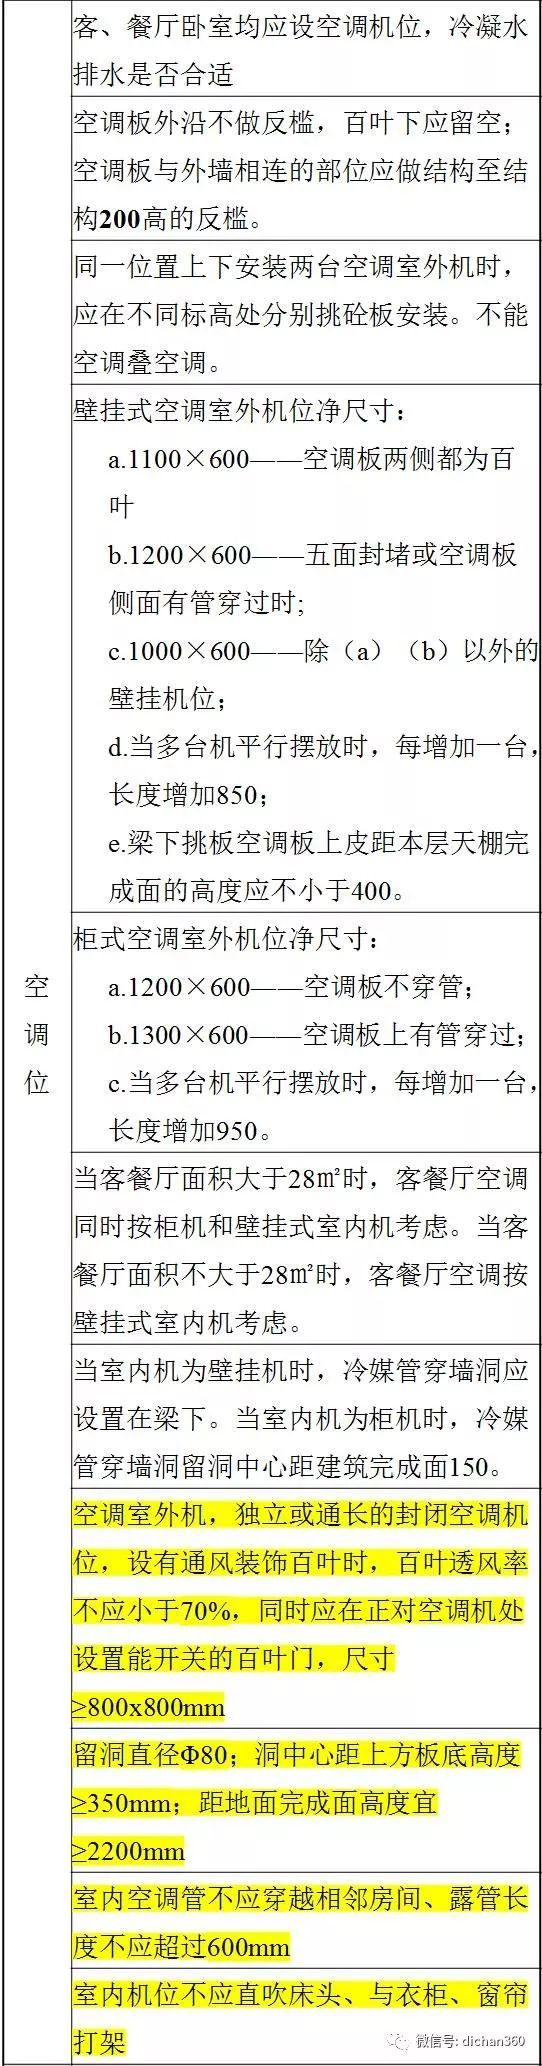 万科施工图审图清单(全套图文)建议收藏_12